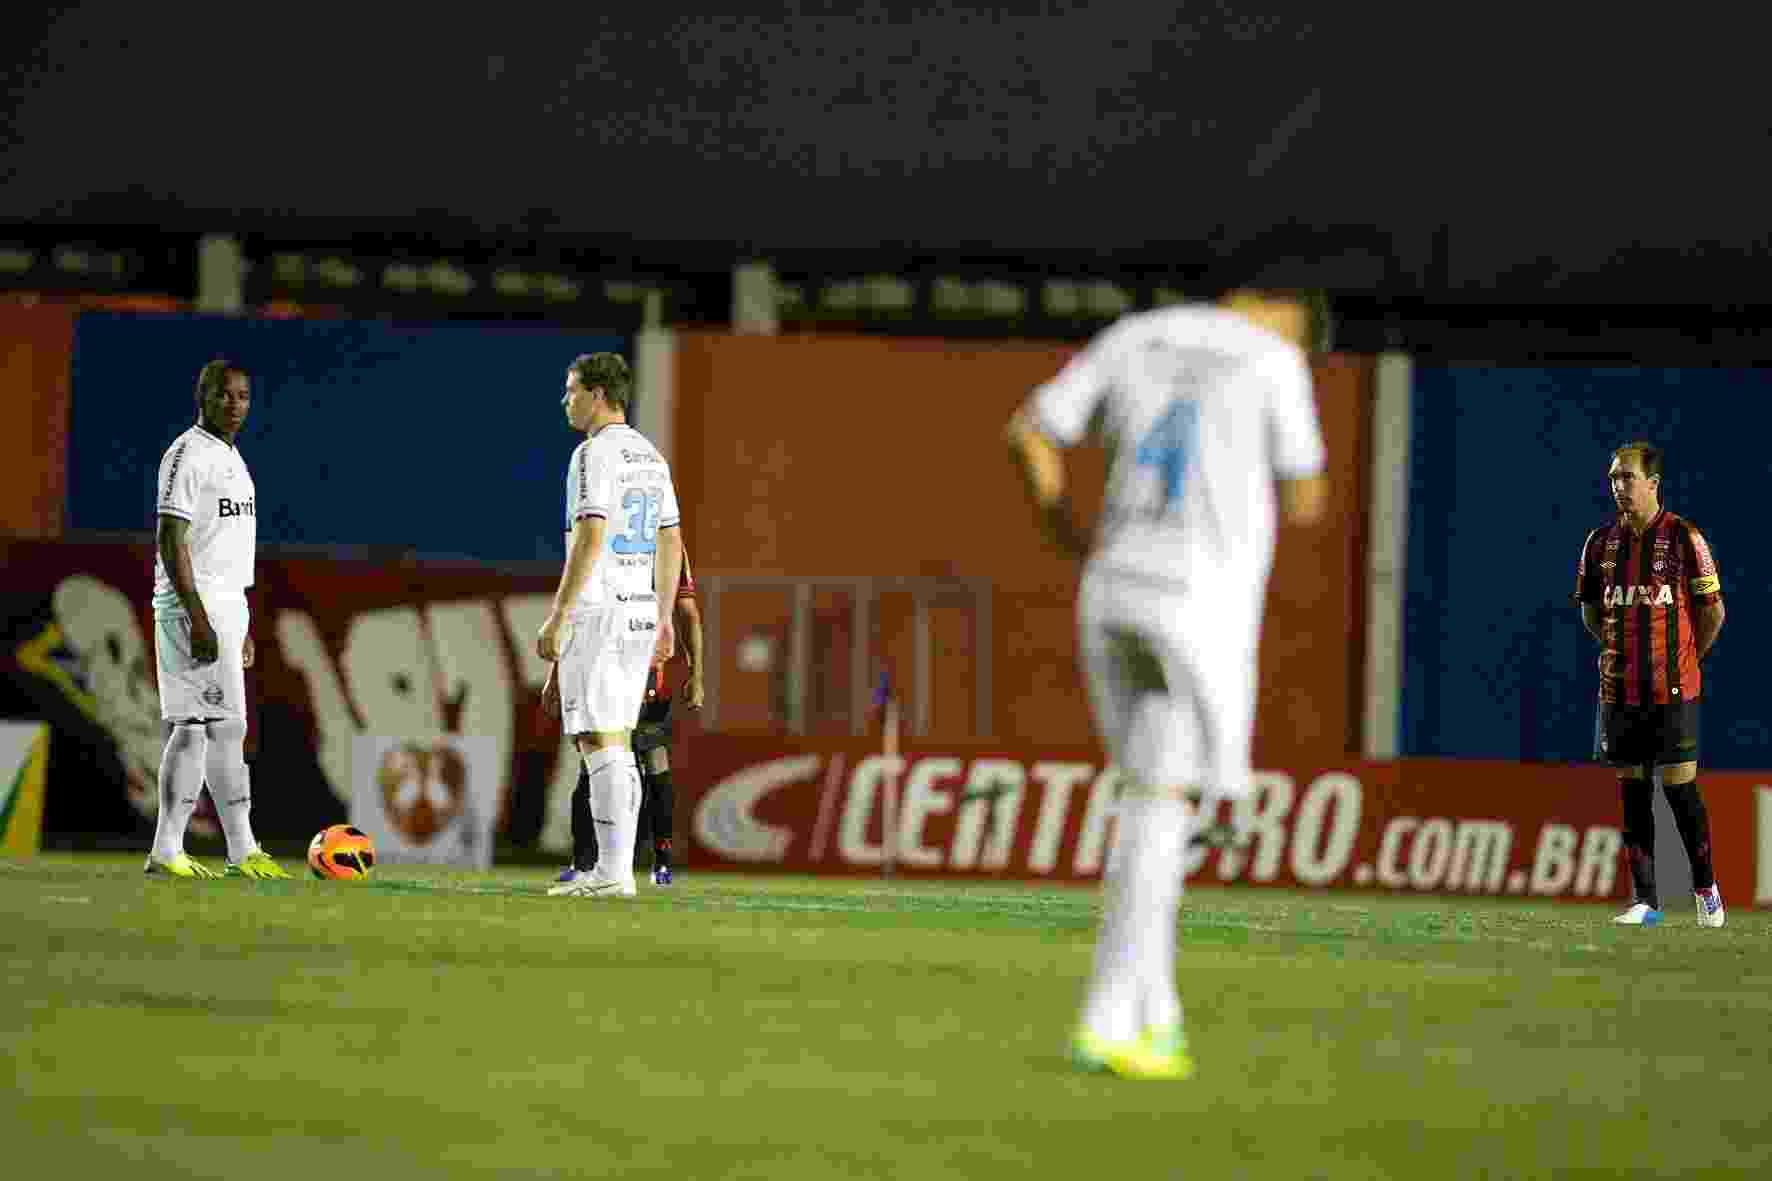 Jogadores do Grêmio se preparam para começo do jogo contra o Atlético-PR - Hedeson Alves/VIPCOMM